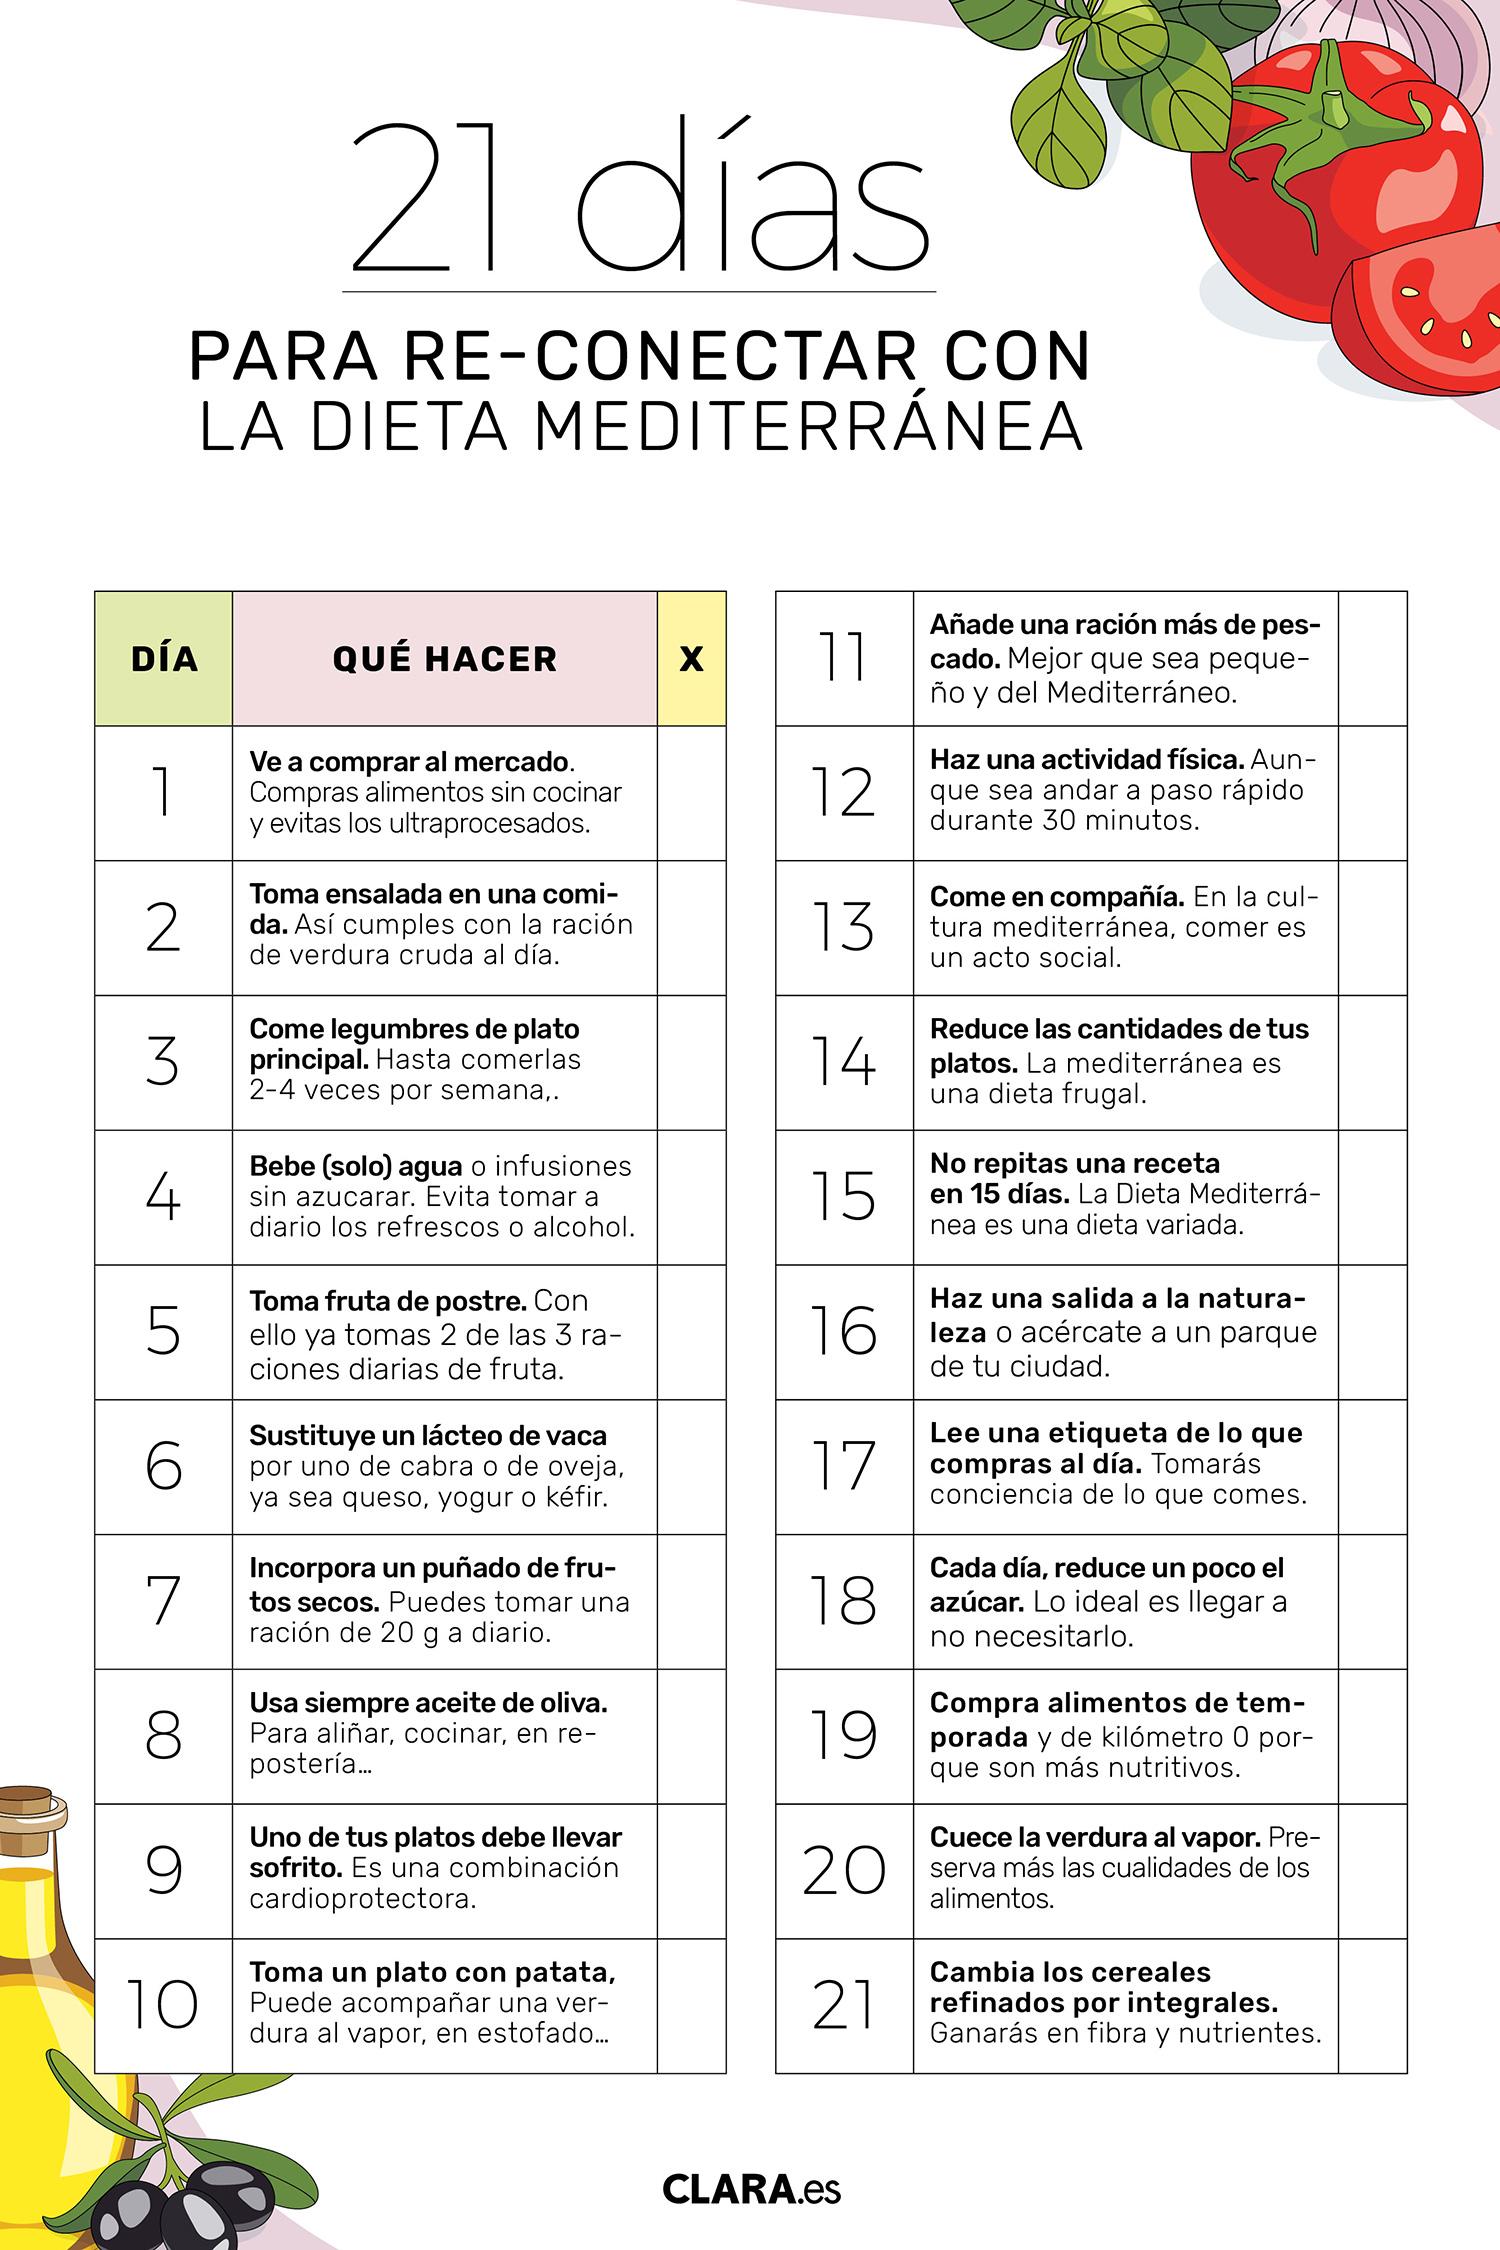 Reto De 21 Días Para Re Conectar Con La Dieta Mediterránea